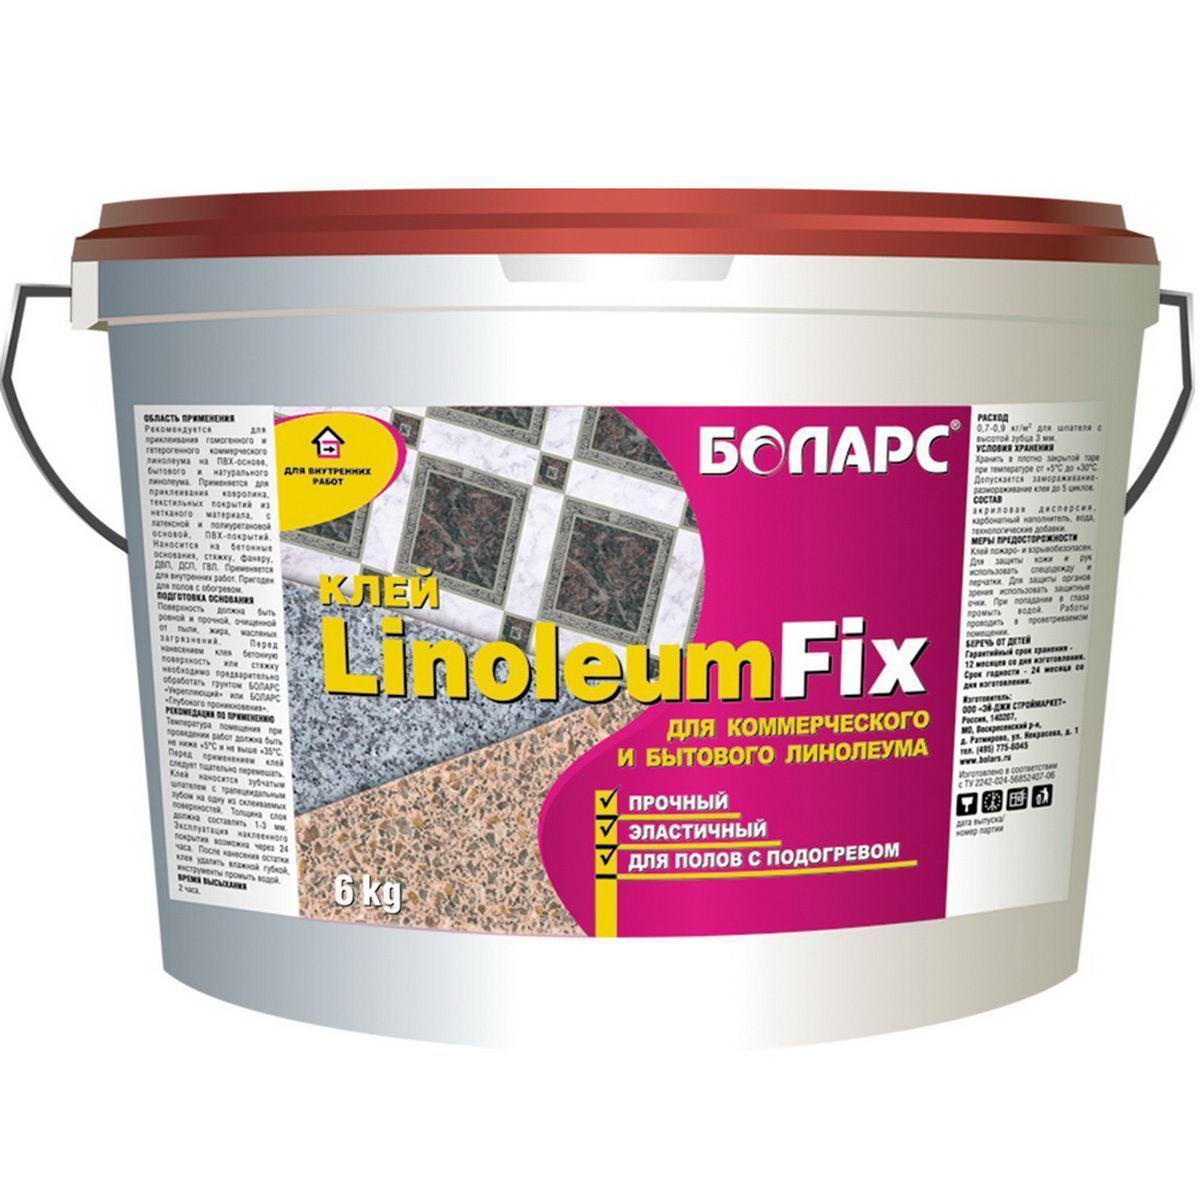 Клей Боларс Linoleumfix, 6 кг531-301Боларс Linoleumfix - универсальный клей для внутренних работ с широким диапазоном применения. Предназначен для приклеивания на впитывающие основания гомогенного и гетерогенного коммерческого линолиума на ПВХ-основе, бытового и натурального линолеума, текстильных покрытий на вспененной, ворсовой или тканой основе. Подходит для использования в системе теплый пол. Рекомендуется для бетонных оснований, цементных и гипсопесчаных стяжек, фанеры, ДВП, ДСП. Состав: акриловая дисперсия, вода, карбонатный наполнитель, технологические добавки.Цвет: светло-бежевый.Время укладки: 20 минут.Время просушки: 5-20 минут.Время высыхания: 48 часов.pH: 8,0-9,0.Расход: 0,4-0,5 кг/м2.Адгезия: не менее 0,6 МПа.Морозостойкость при транспортировке: 5 циклов.Температура проведения работ: 6 +15°С +30°С.Температура эксплуатации: +5°С +60°С.Гарантийный срок хранения - 12 месяцев со дня изготовления, в оригинальной невскрытой упаковке изготовителя.Срок годности - 24 месяца со дня изготовления, в оригинальной невскрытой упаковке изготовителя.